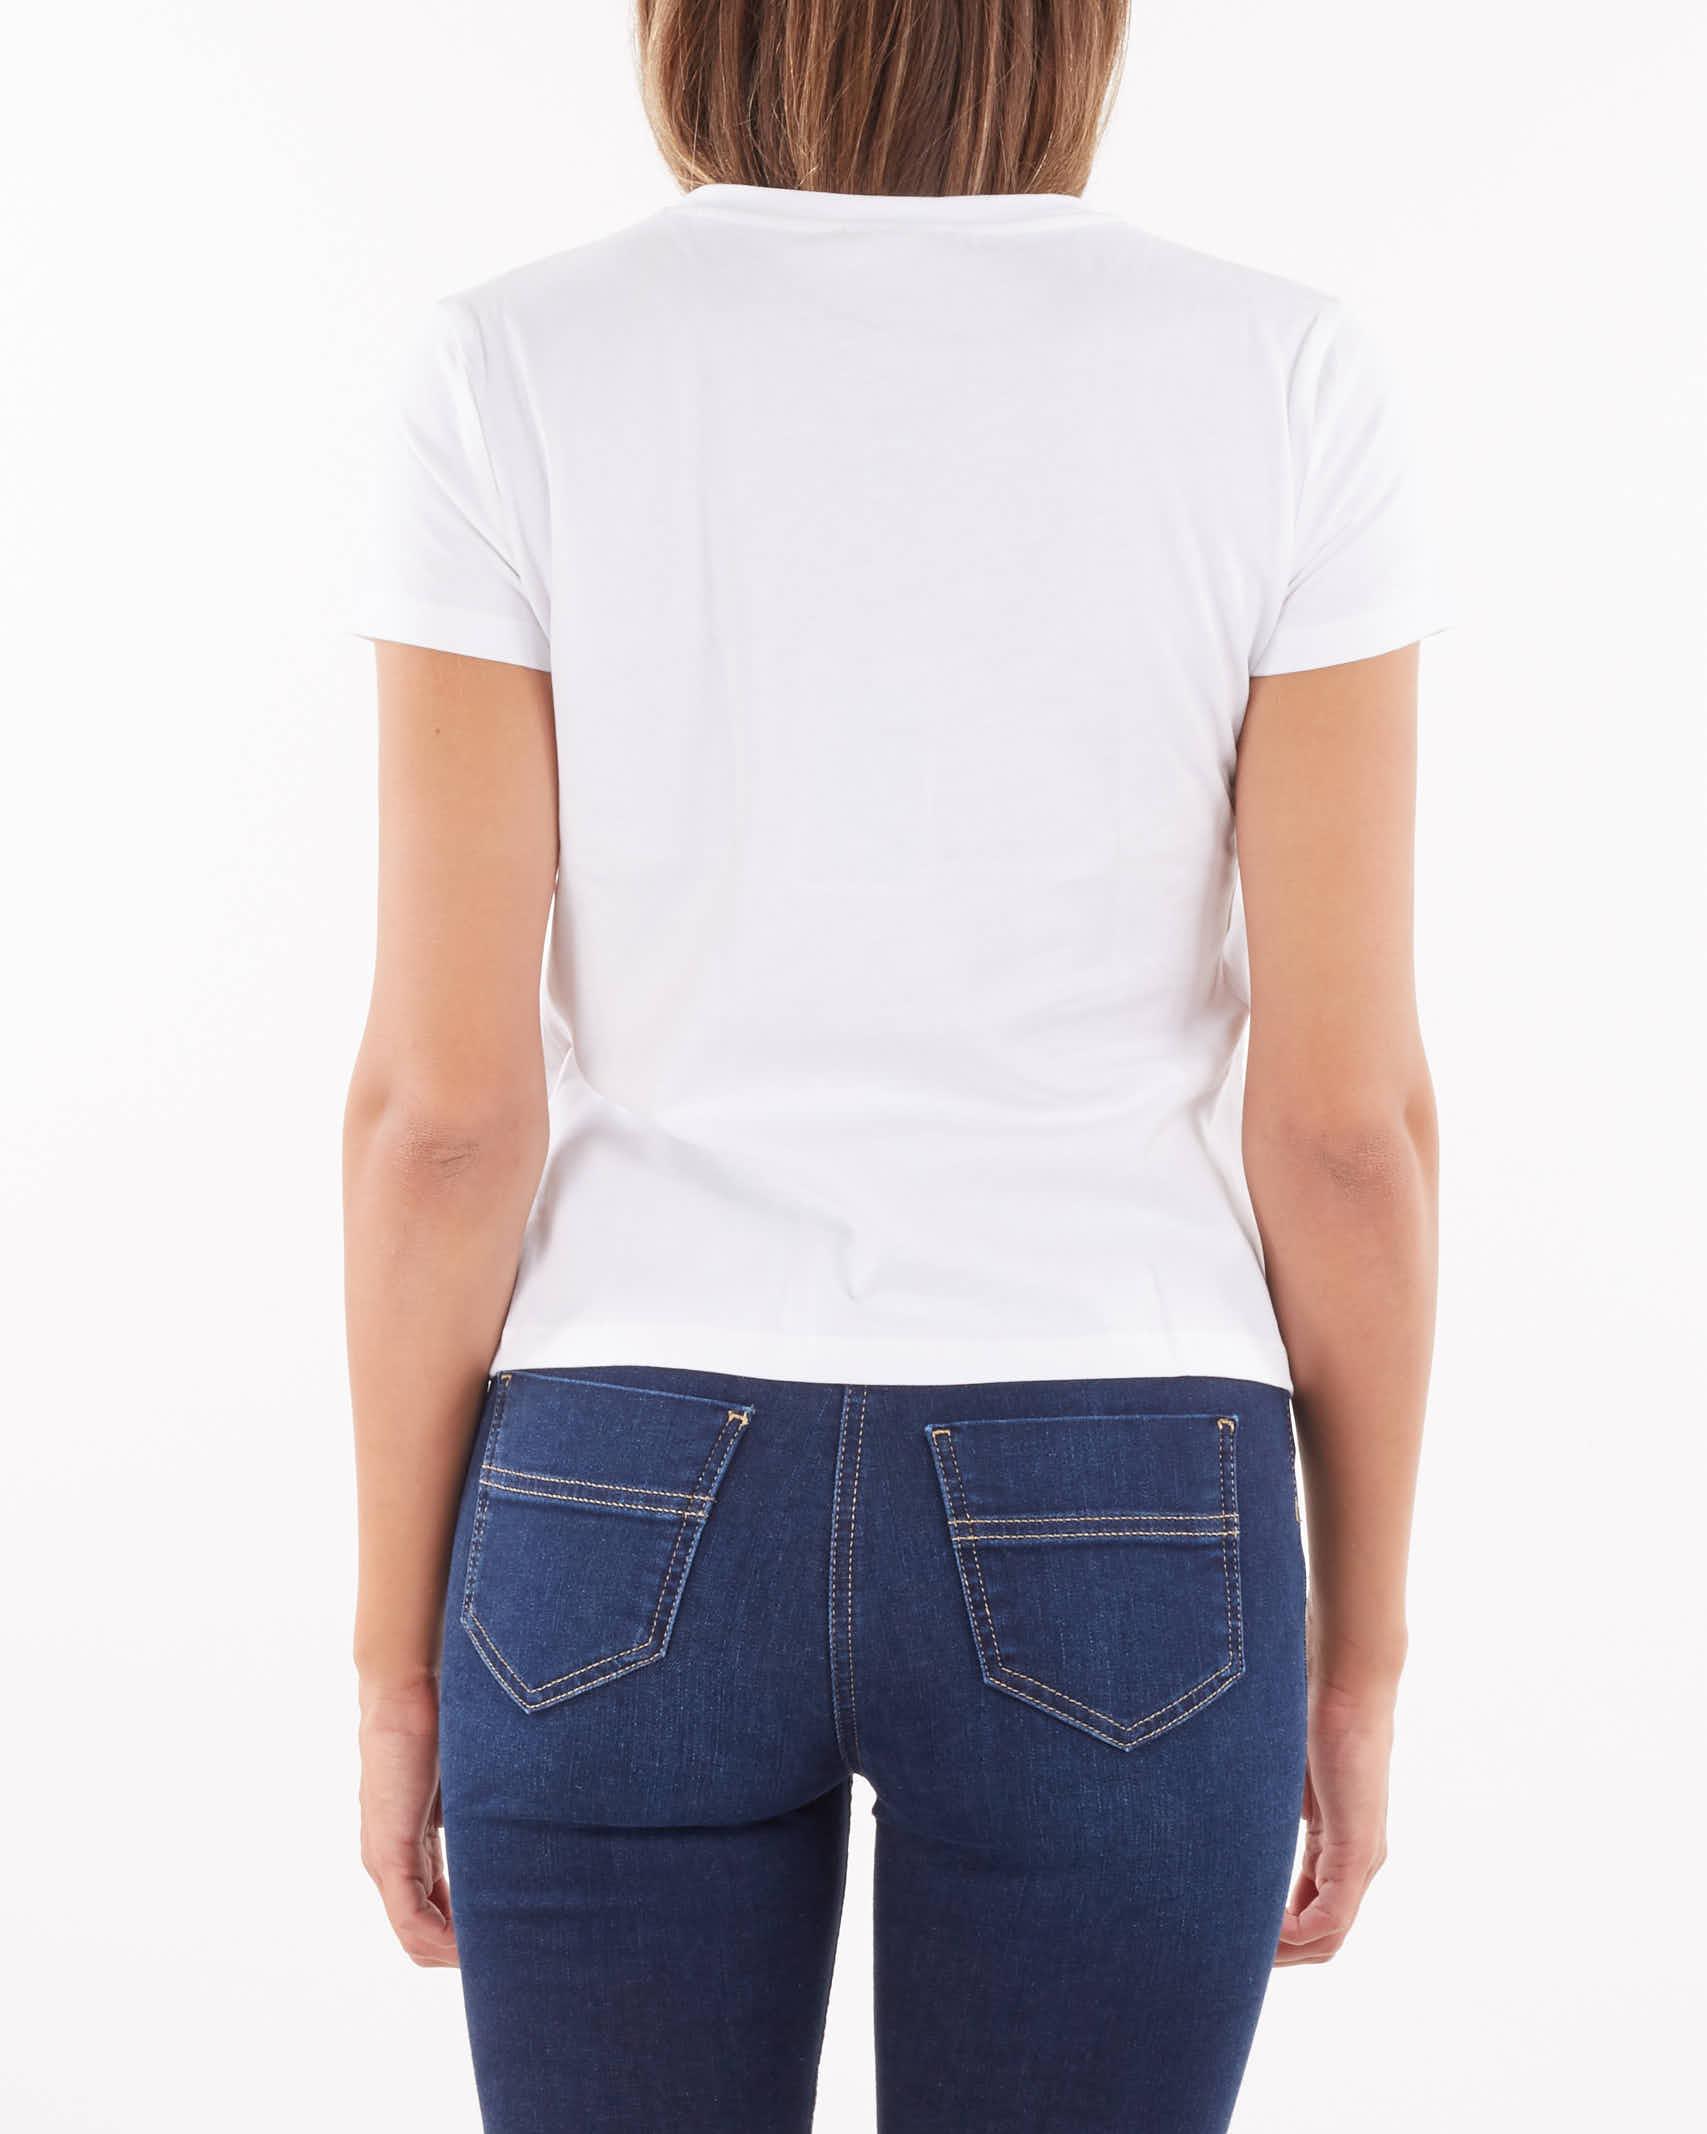 T-shirt con morso cavallo ricamato Elisabetta Franchi ELISABETTA FRANCHI | T-shirt | MA20116E2270